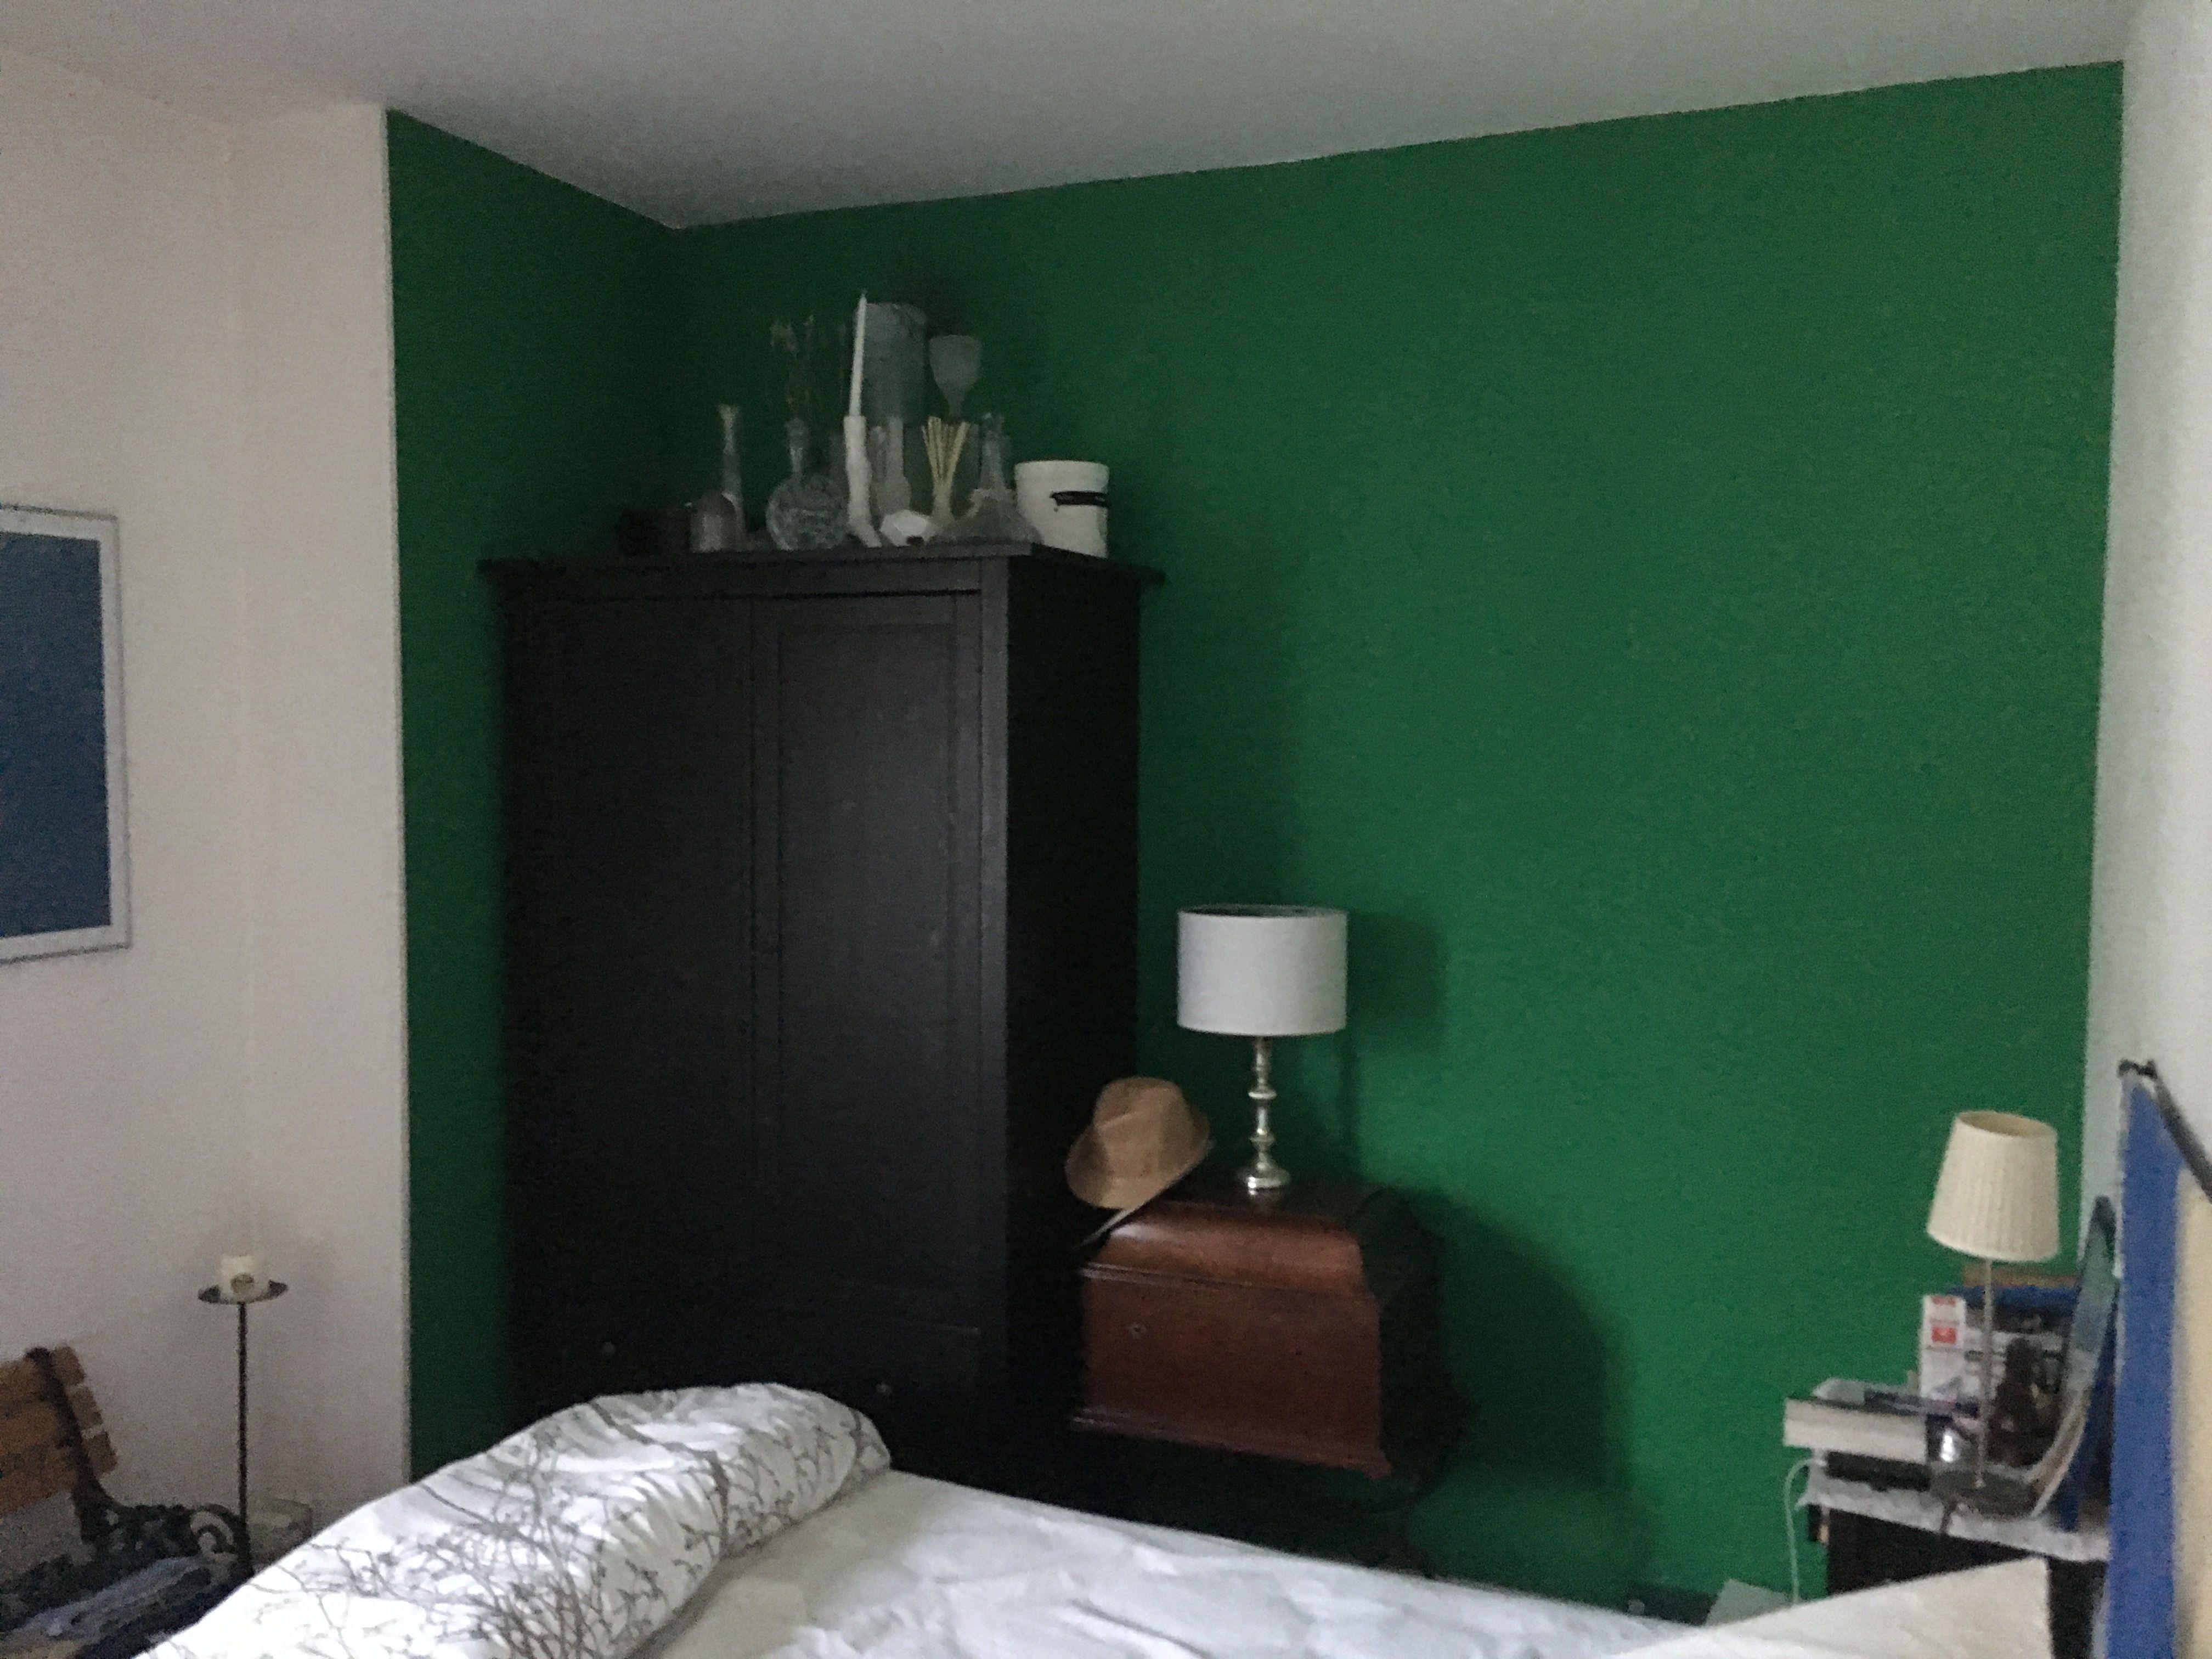 Chambre-à-louer-Paris 12ème arrondissement-Bruno4444